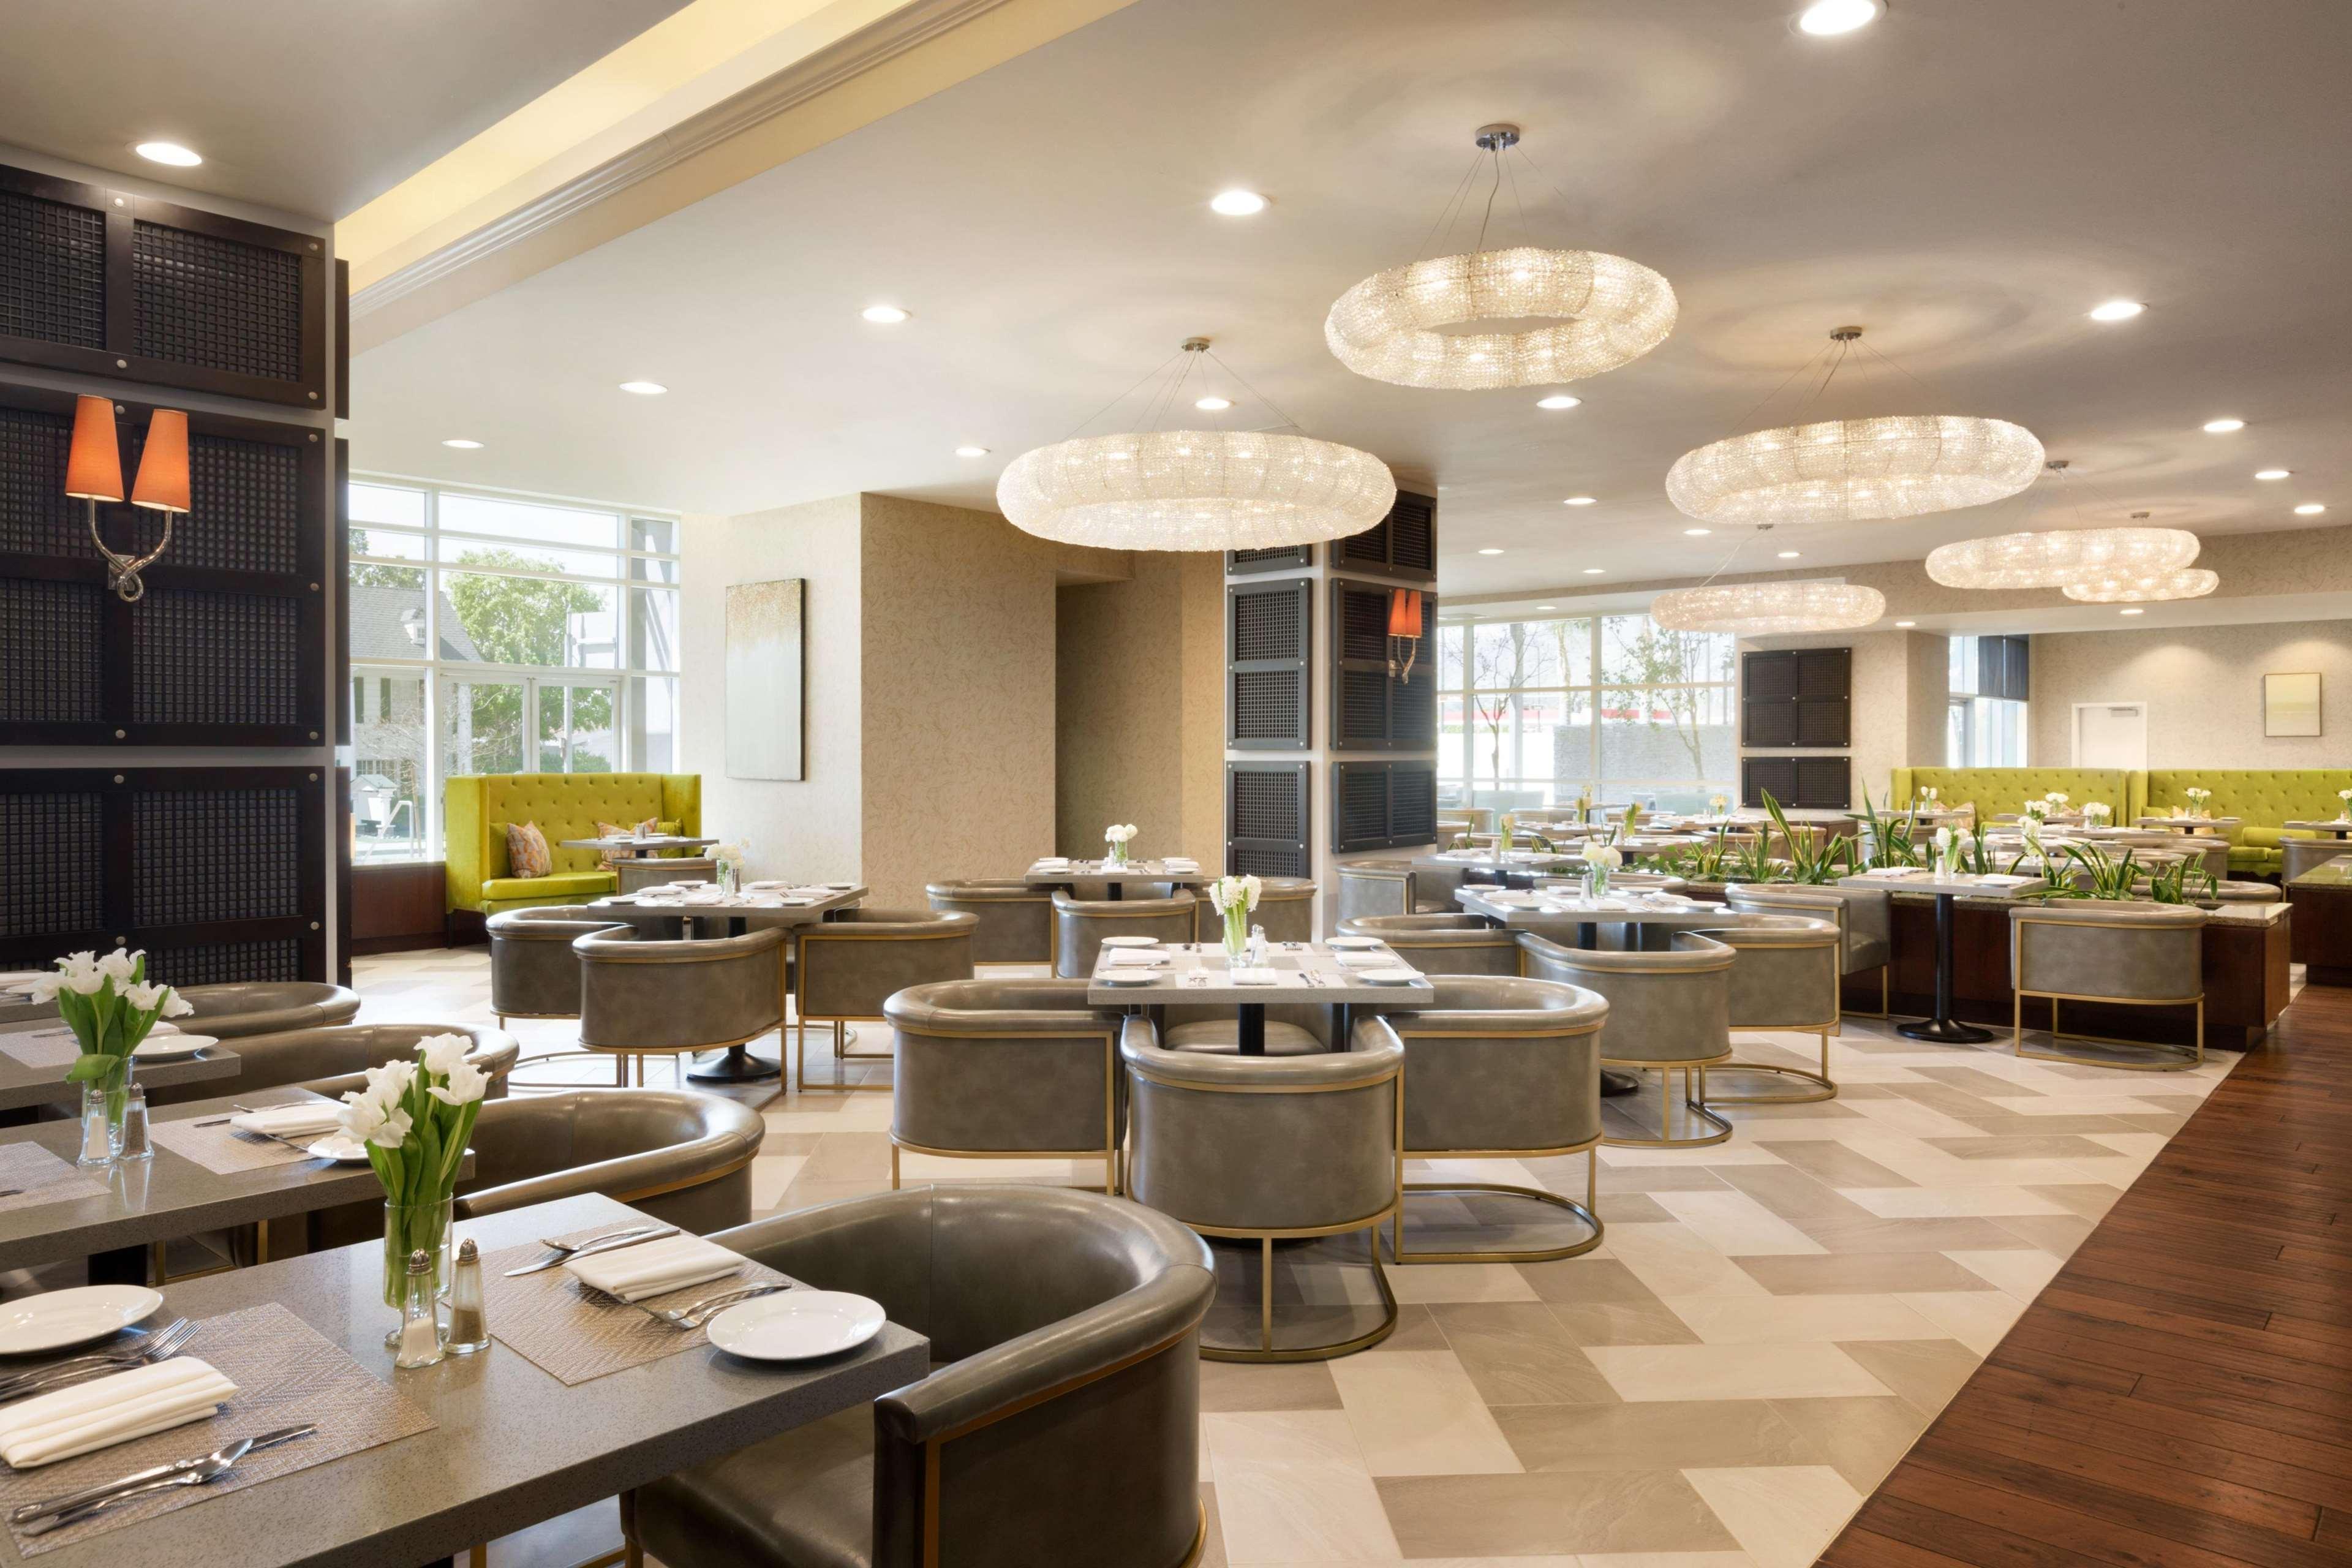 embassy suites by hilton los angeles glendale glendale. Black Bedroom Furniture Sets. Home Design Ideas